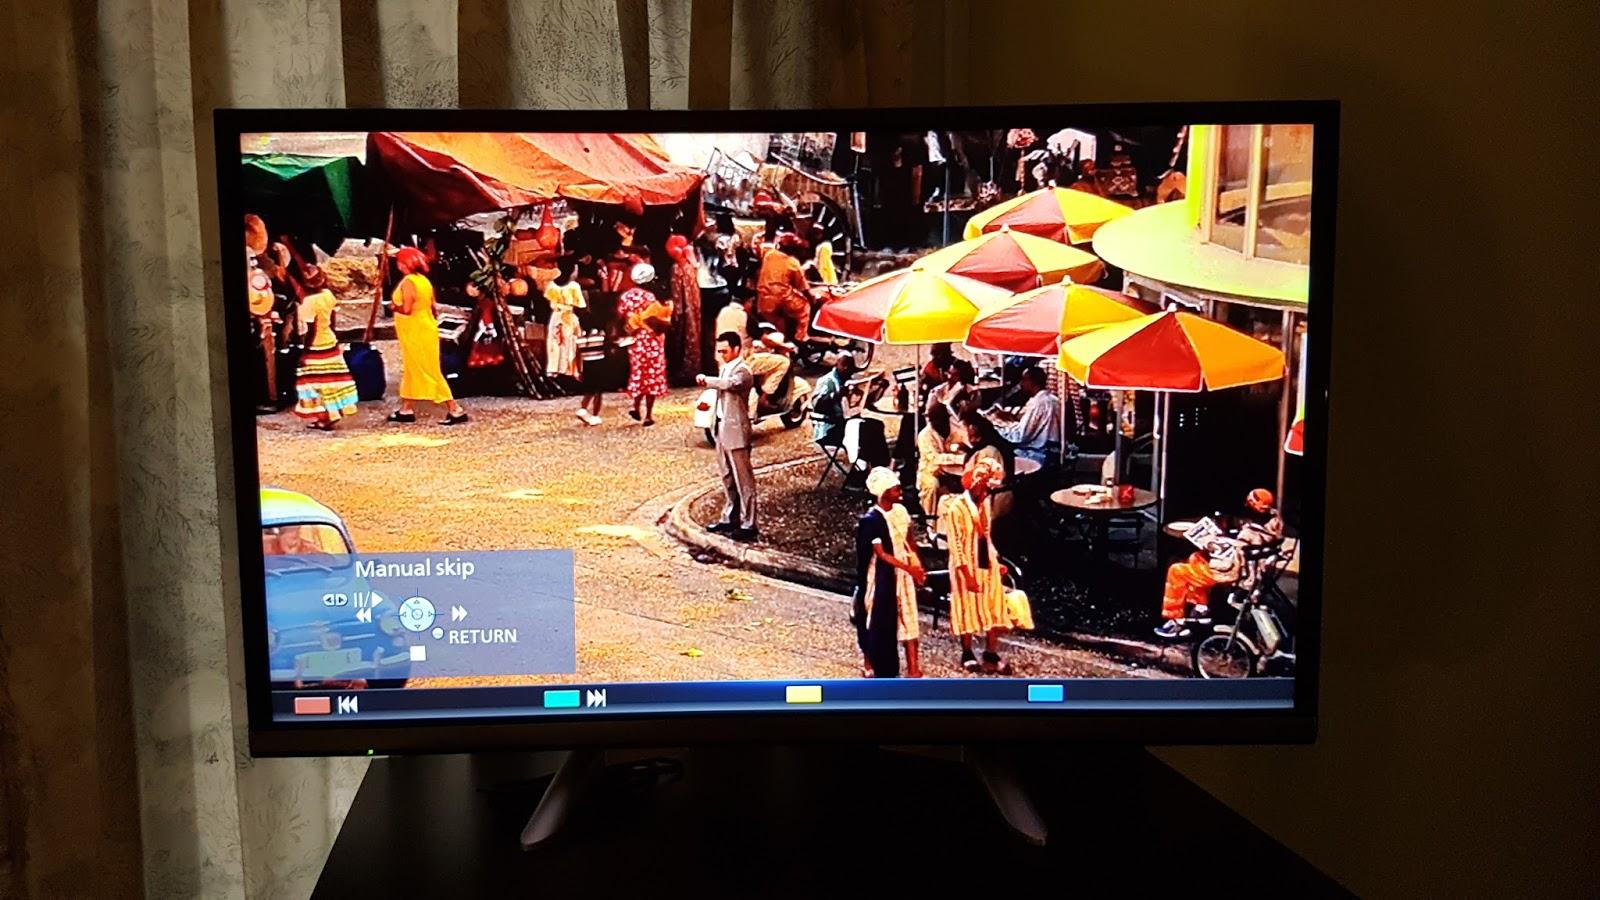 Setting up Plex to work with a Panasonic Viera HDTV and Kodi Comparisons